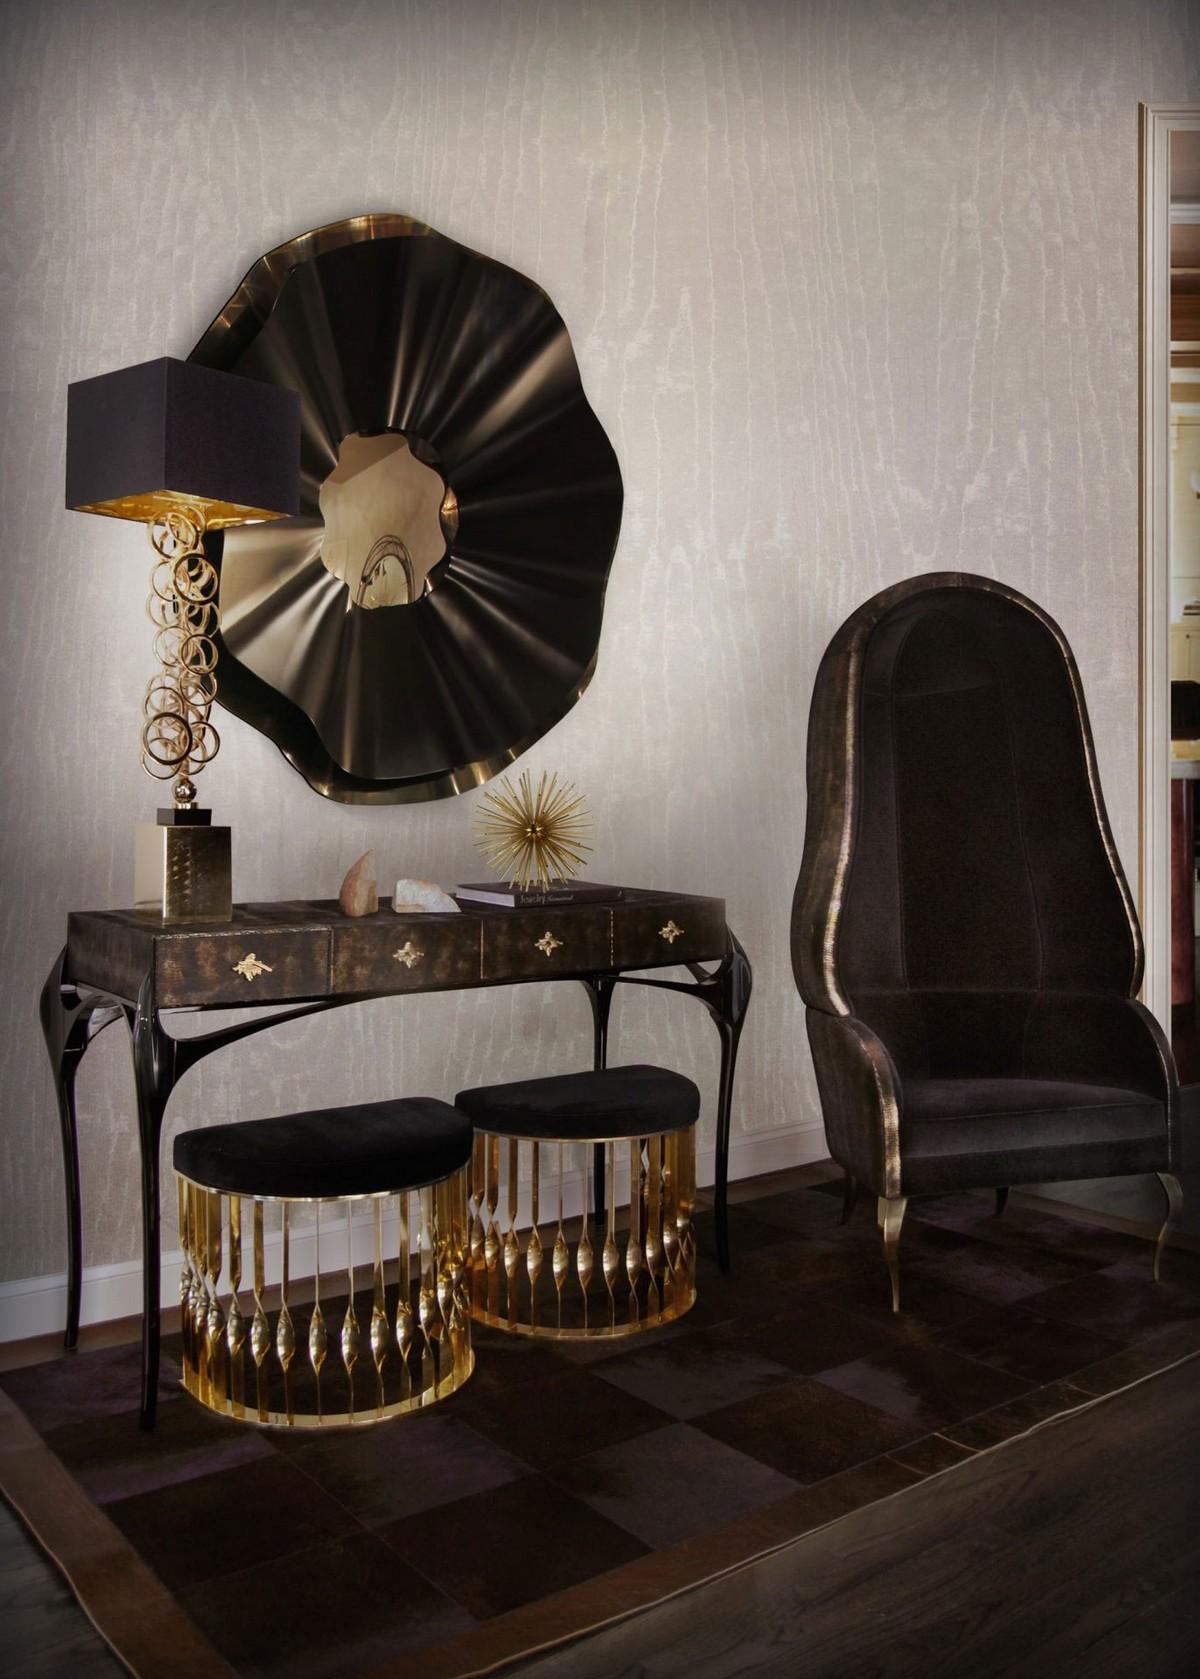 Maison et Objet 2019 Maison et Objet 2019: Luxury Mirror Designs by Covet House reve2